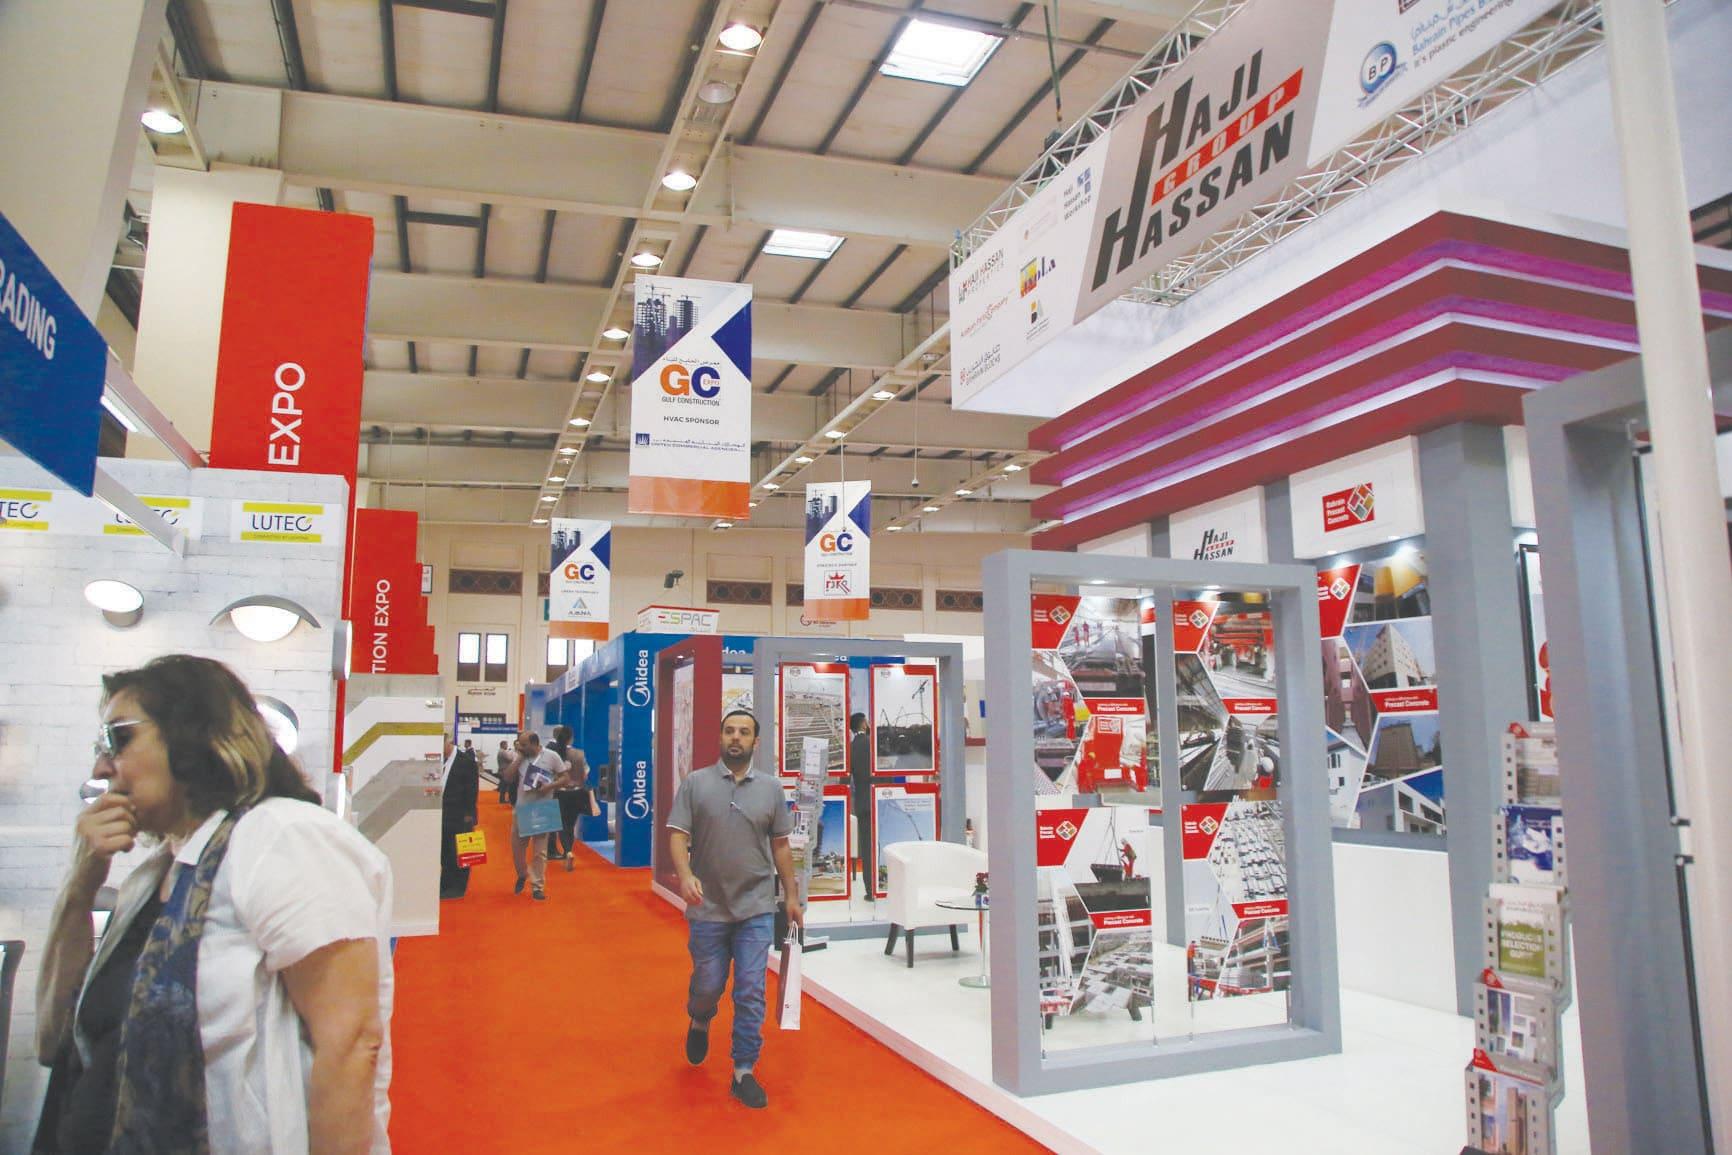 فعاليات ومعارض الأعمال فى البحرين 2018